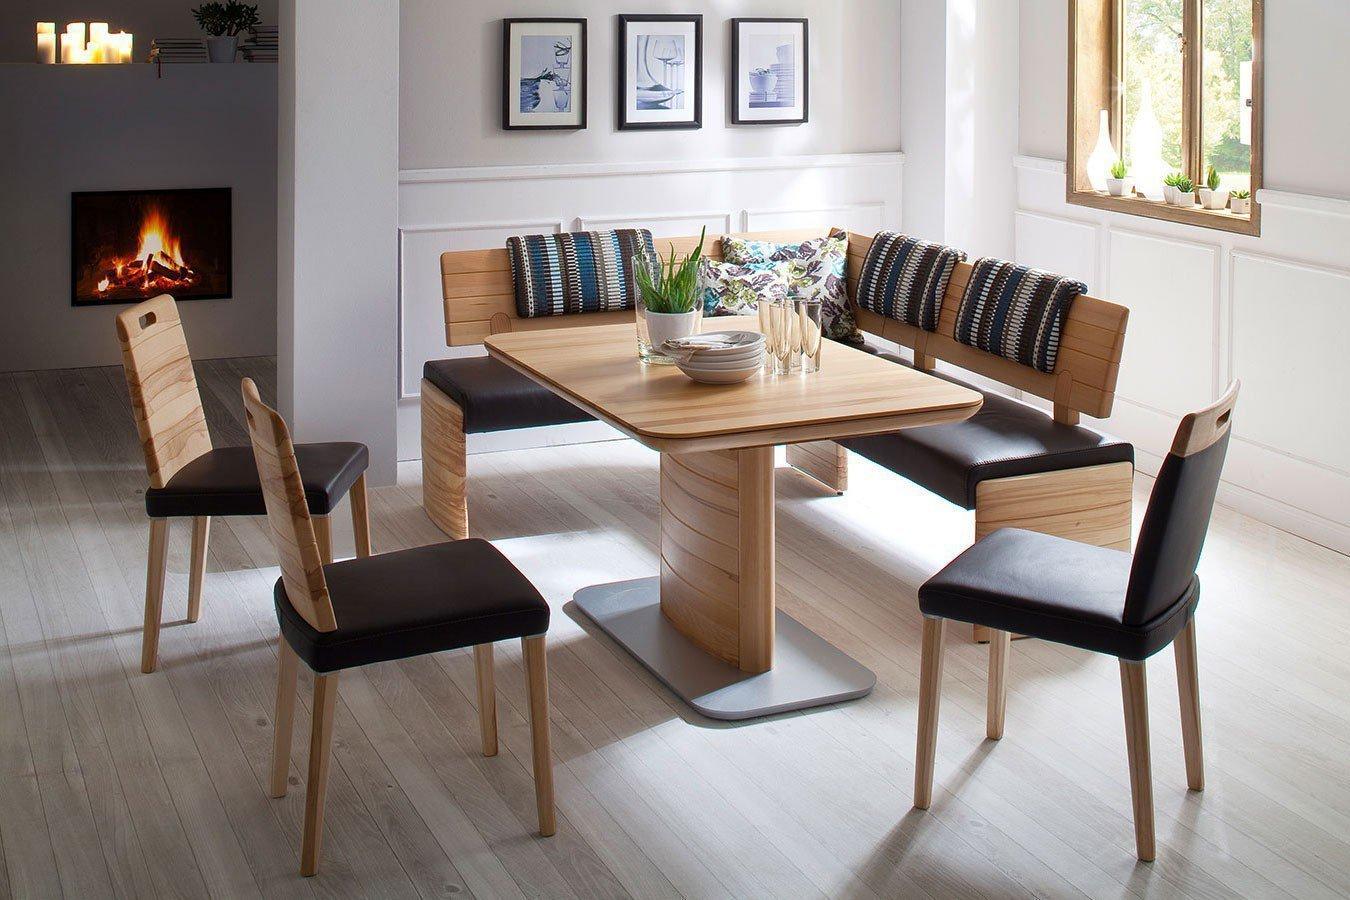 k w eckbank alino 4112 aus der formidable home collection. Black Bedroom Furniture Sets. Home Design Ideas